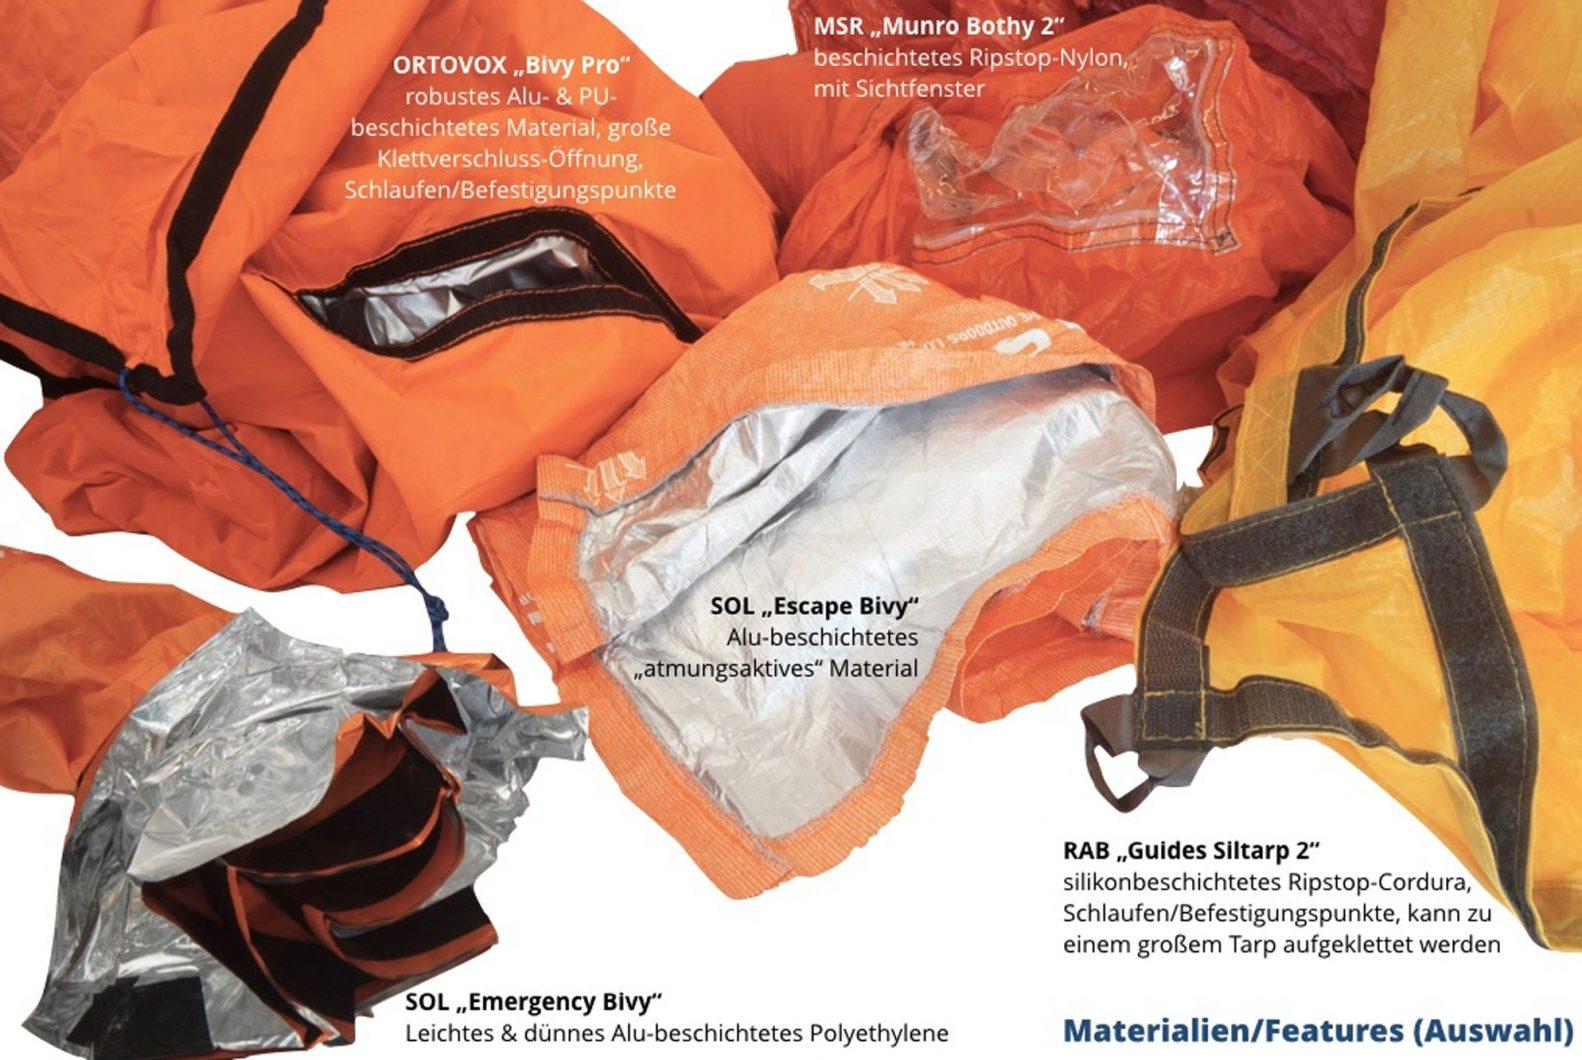 Materialien und Features Biwaksäcke